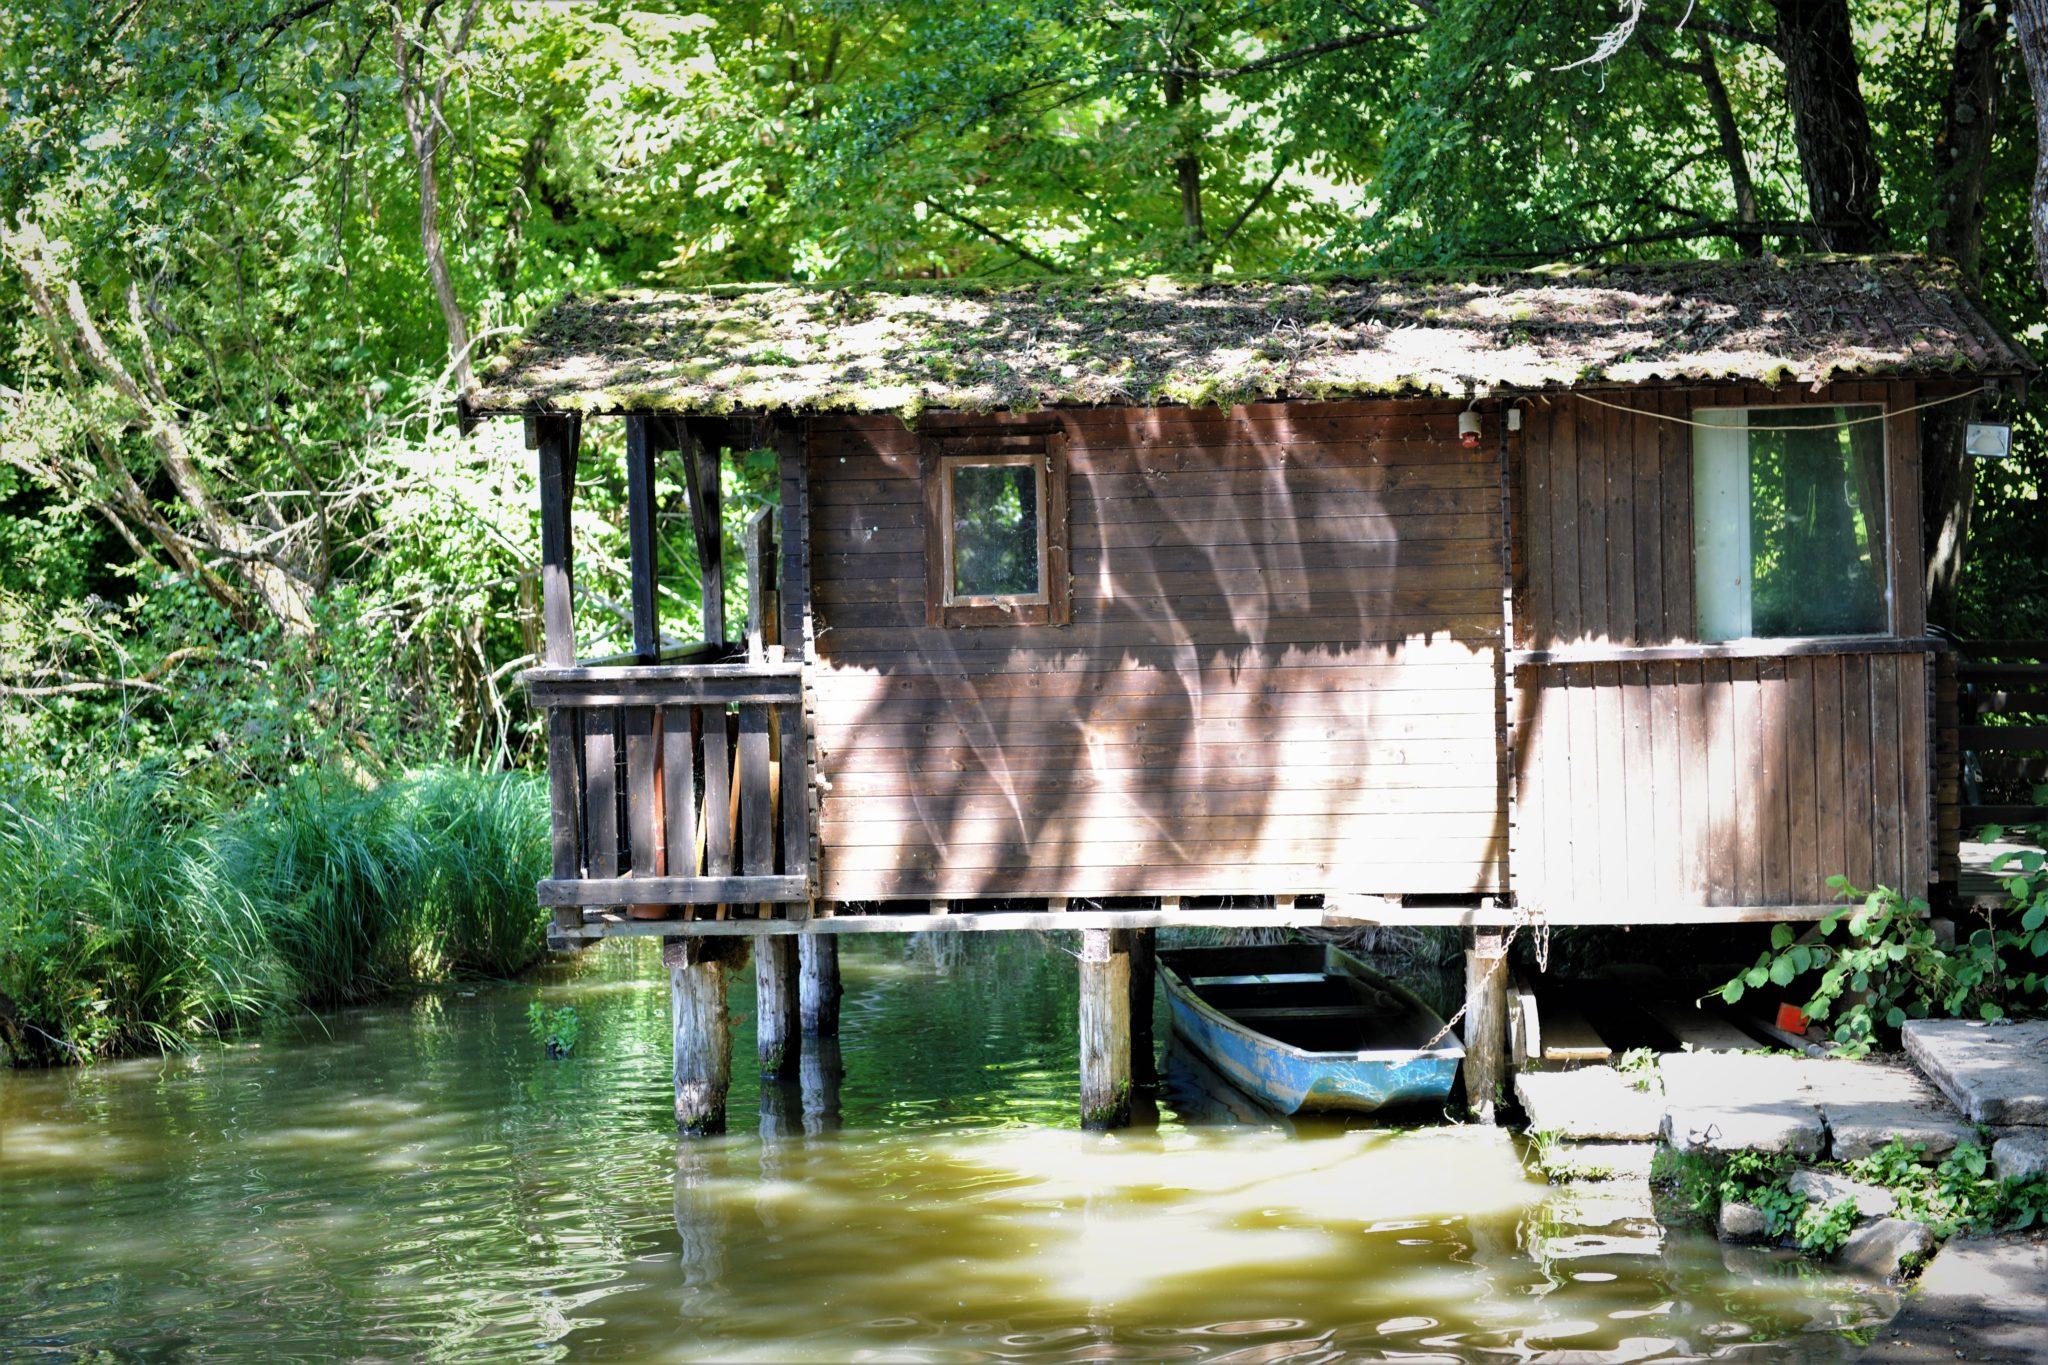 Ausflugsziel: Fischerhütte am Ziegelteich